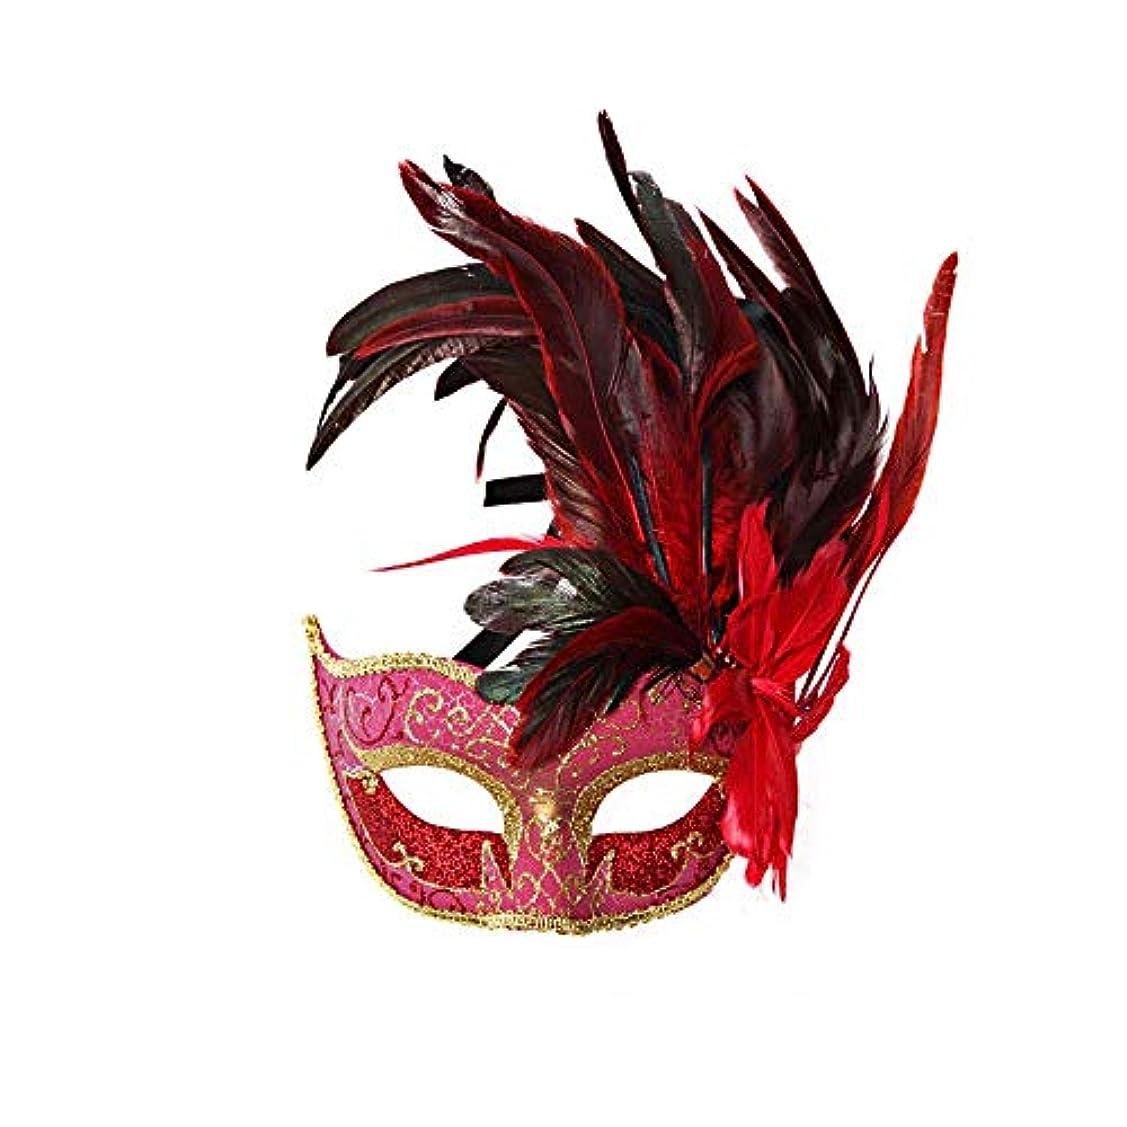 苦スイス人文明Nanle ハロウィンマスクハーフフェザーマスクベニスプリンセスマスク美容レース仮面ライダーコスプレ (色 : Style A red)